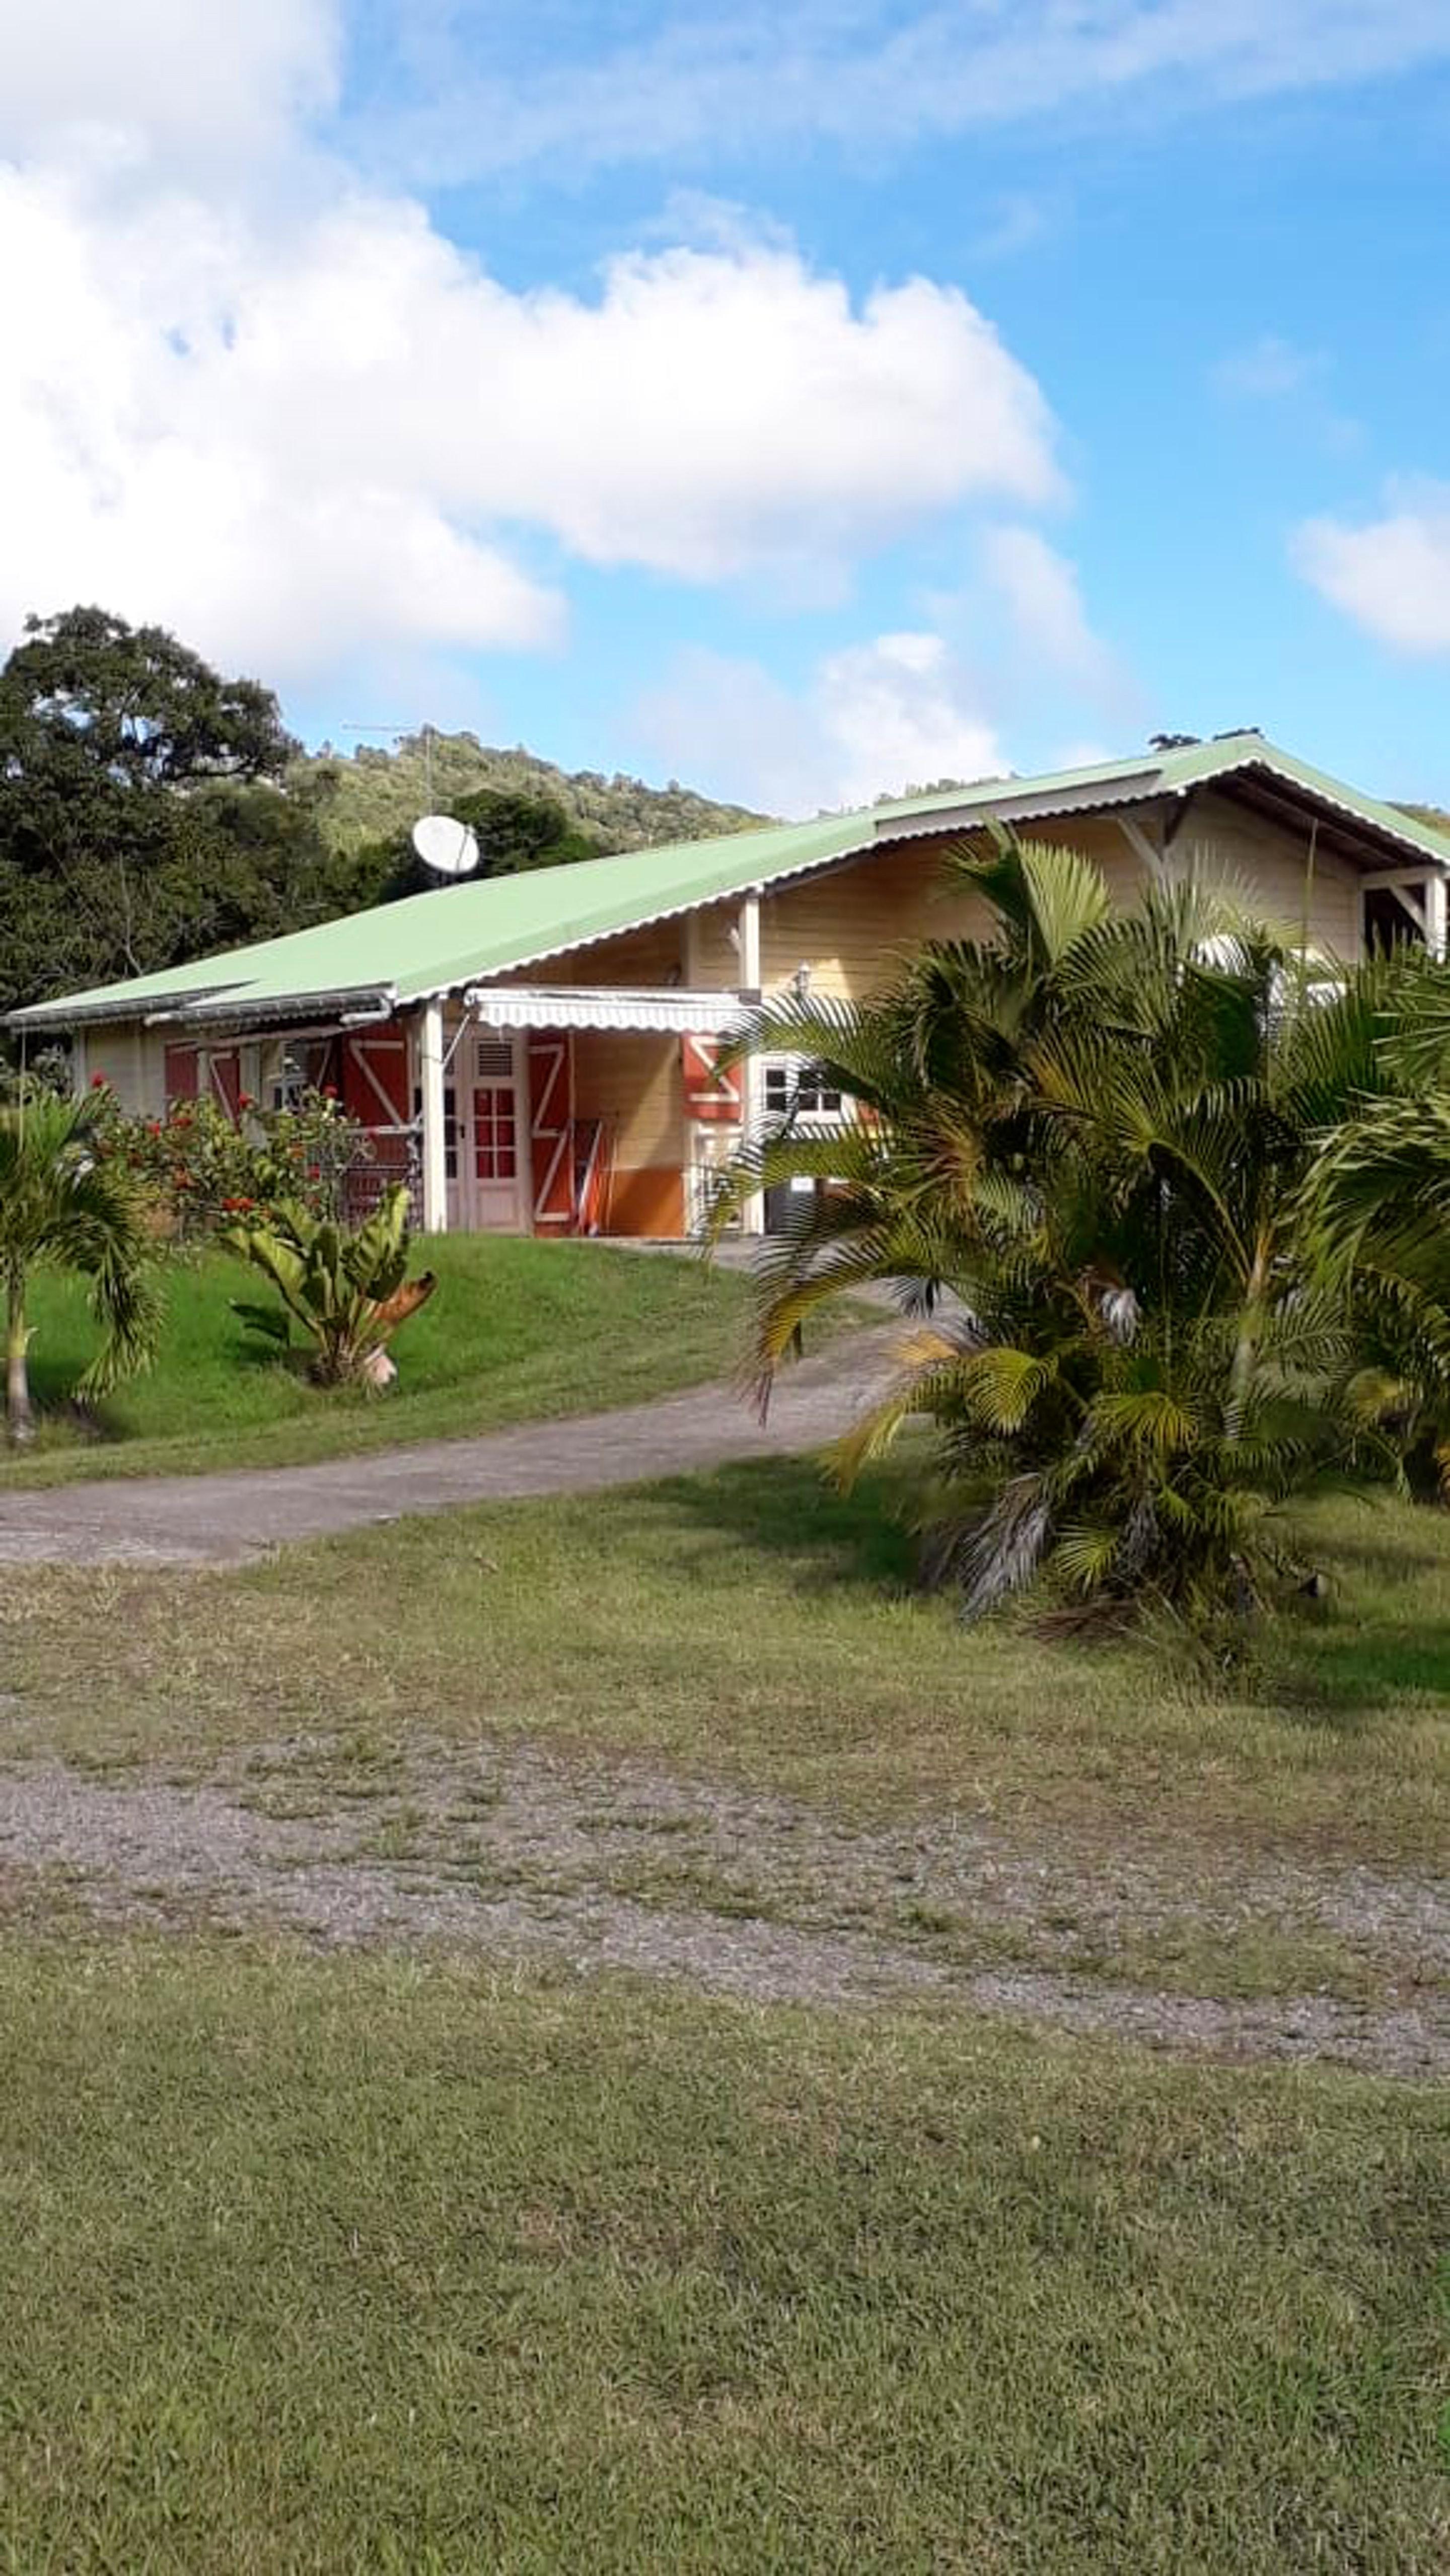 Apartamento de una habitación en Le Vauclin, con magnificas vistas a las montañas, jardín cerrado y WiFi - a 5 km de la playa